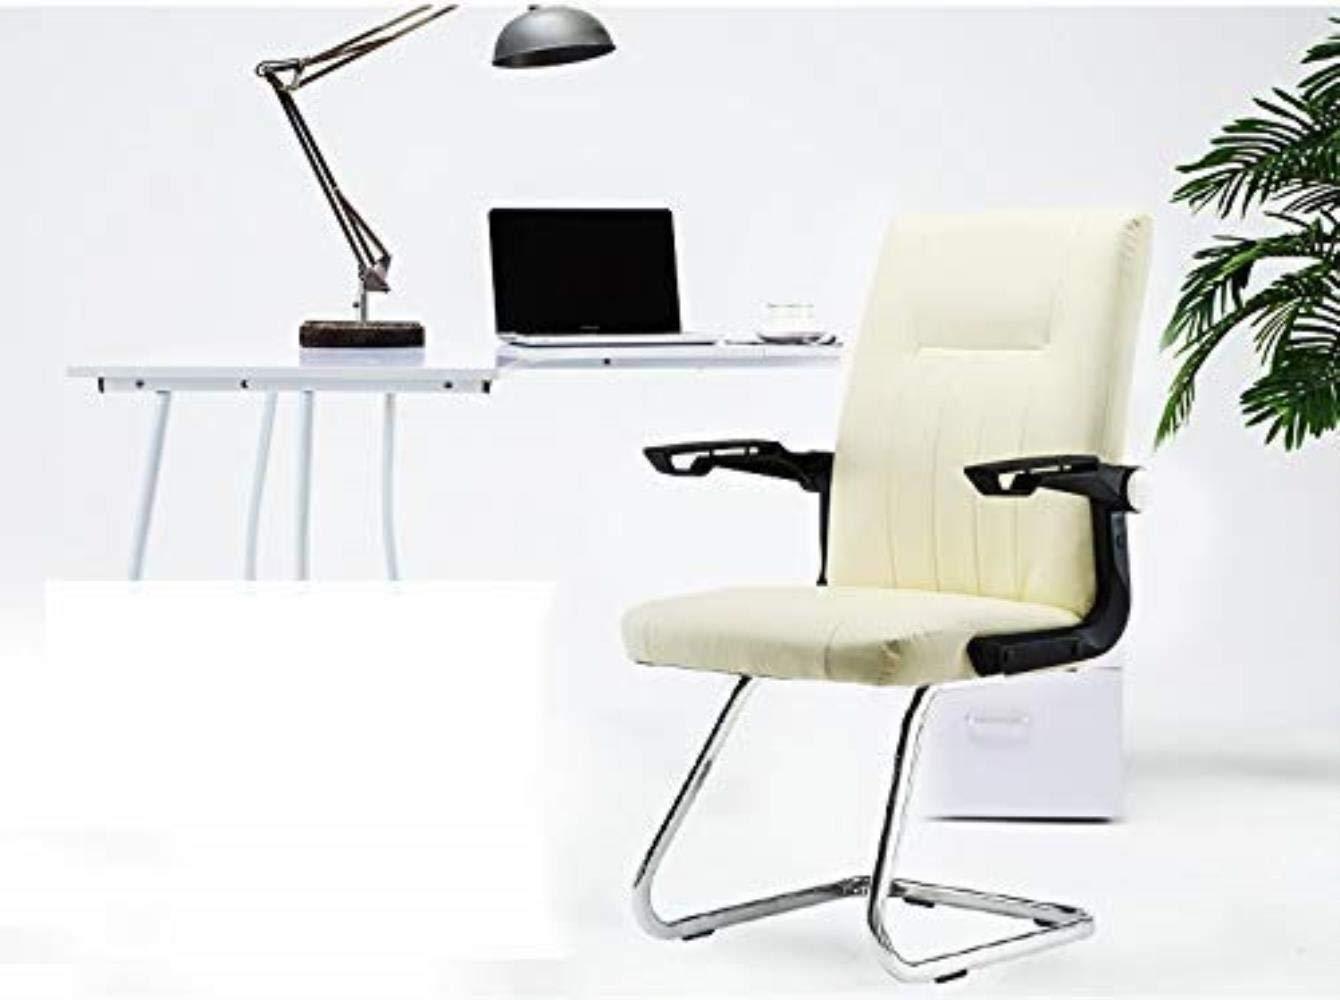 Skrivbordsstolar kontorsstol datorstol hem kontor svängbar stol rosett säte rygg stolstol student sovsal stol kontor (färg: svart) Svart